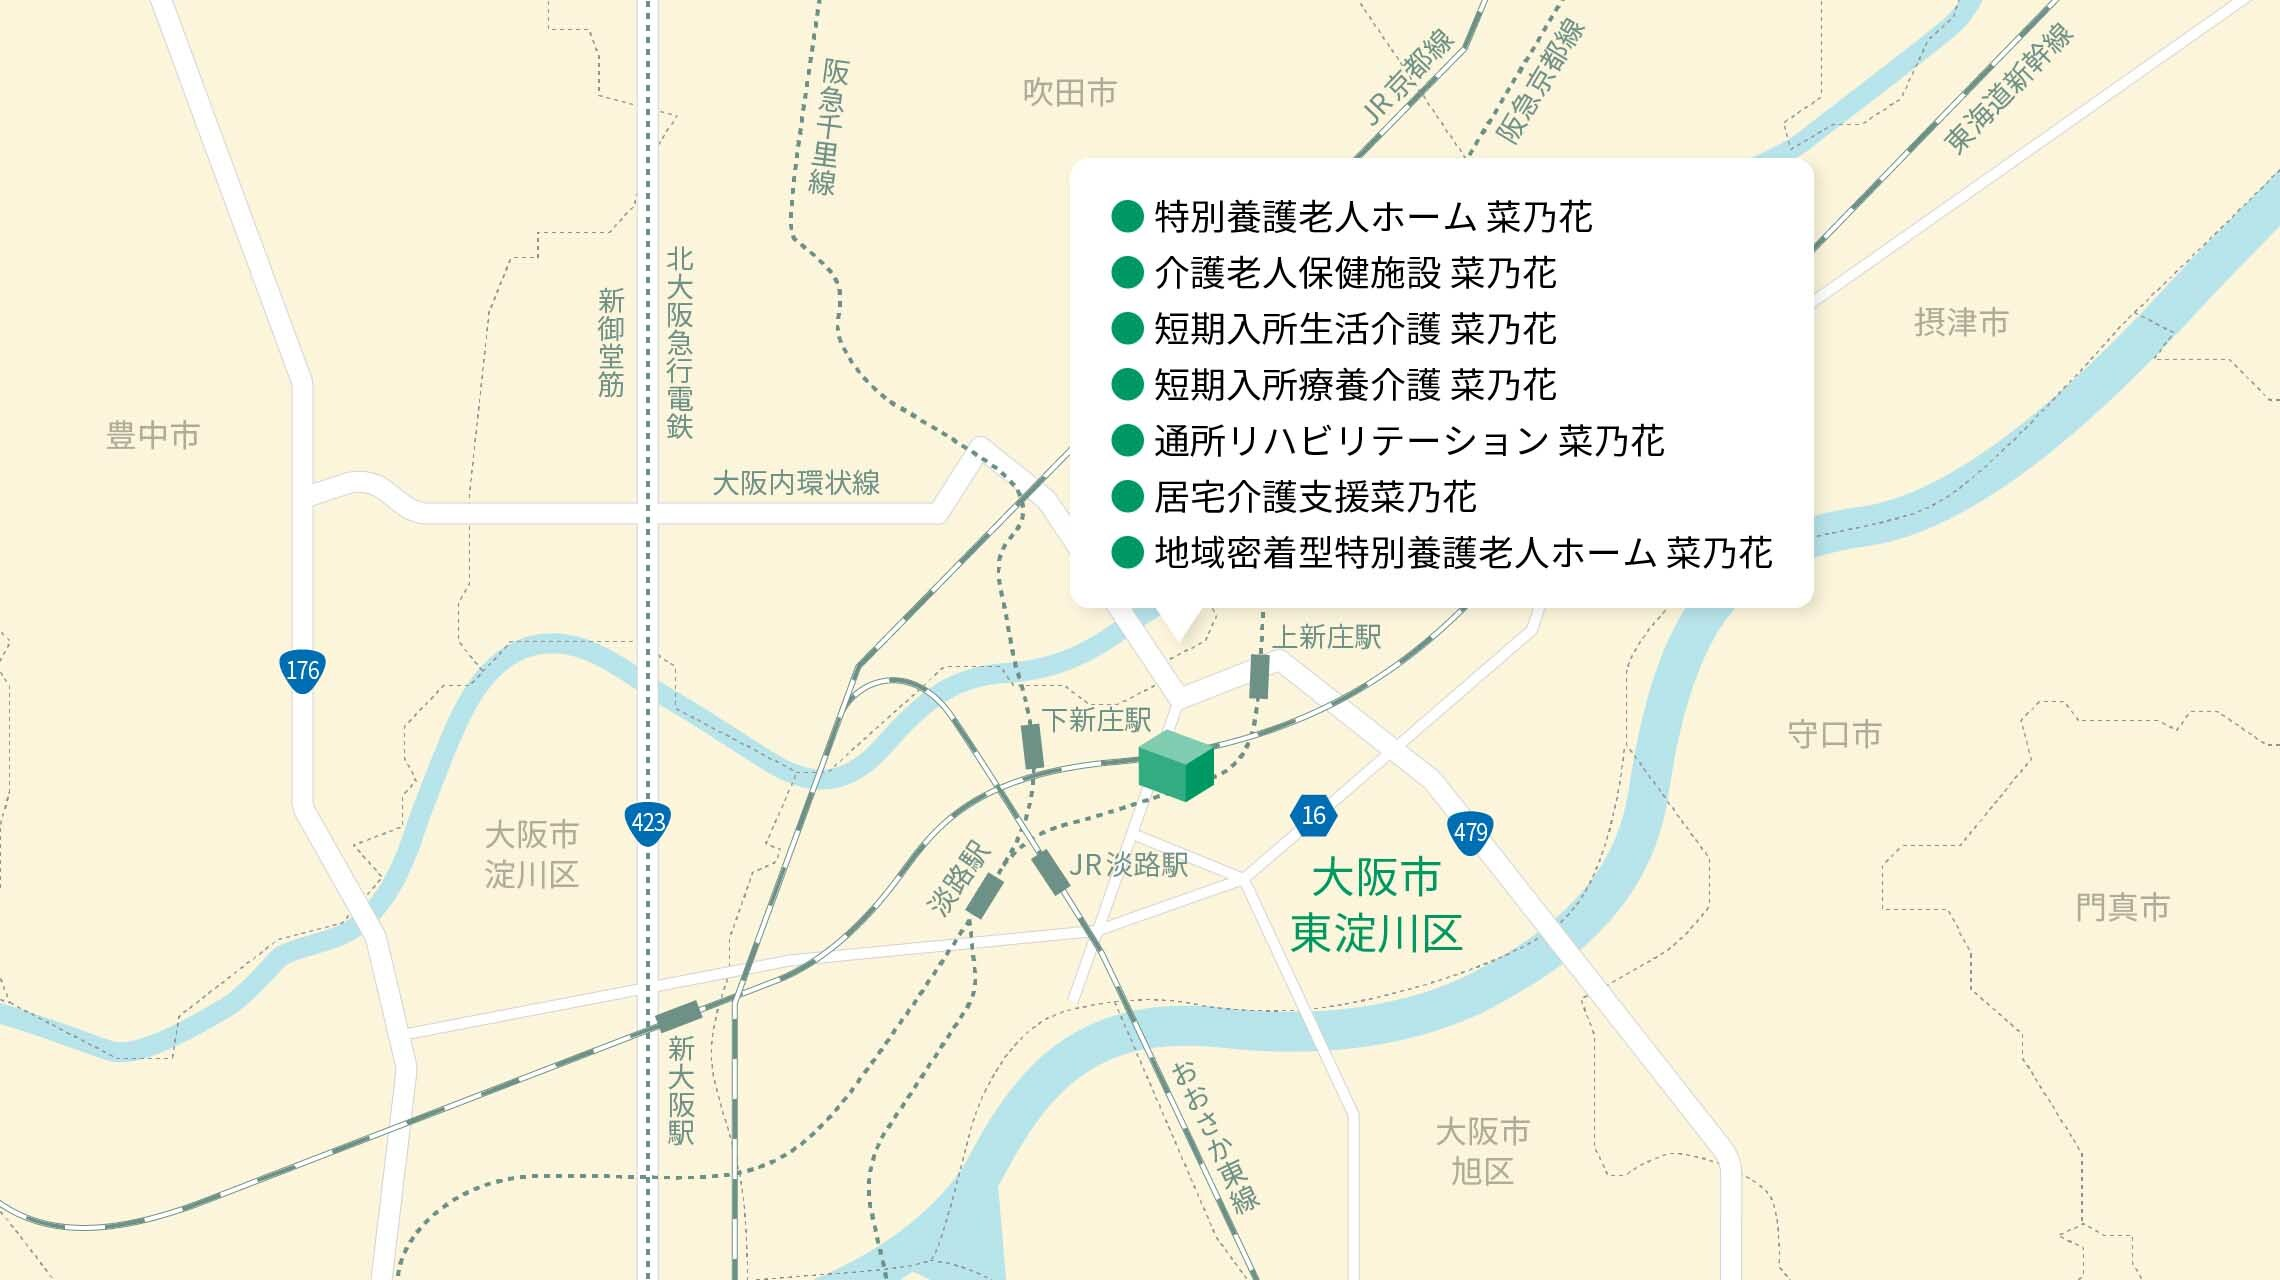 エリアマップ画像